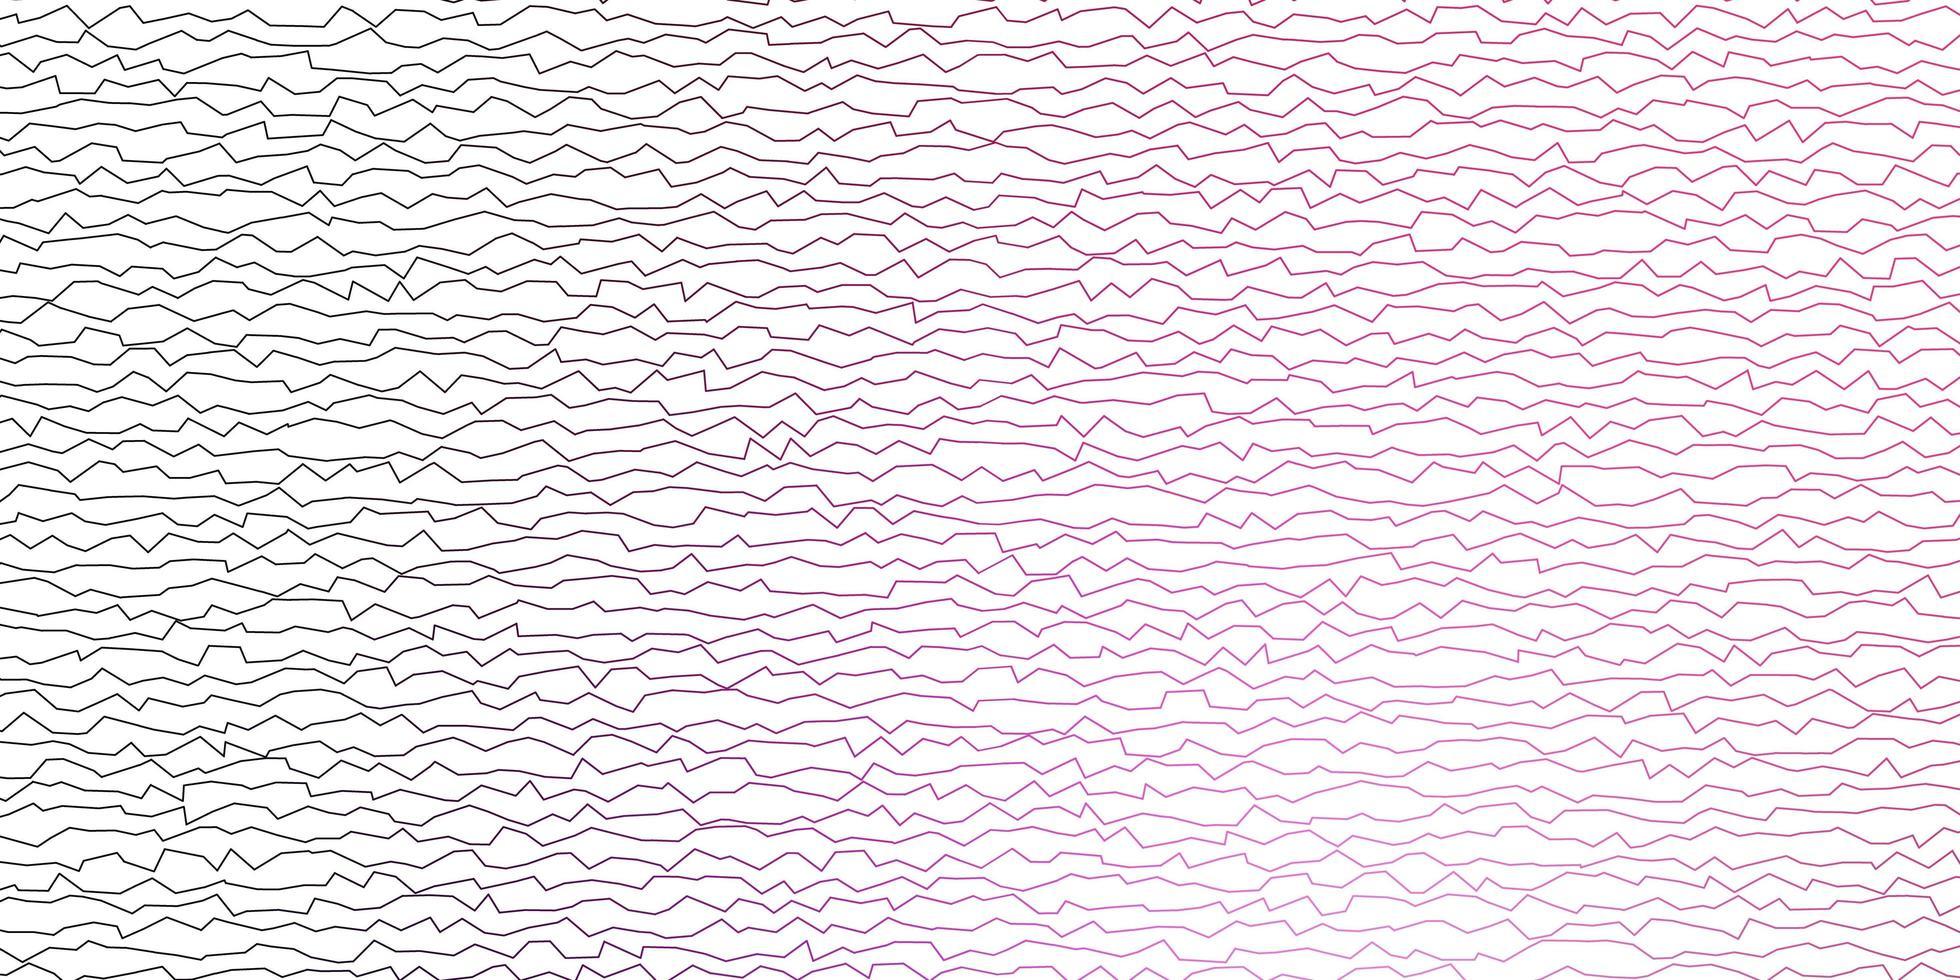 dunkelvioletter, rosa Vektorhintergrund mit gebogenen Linien. vektor